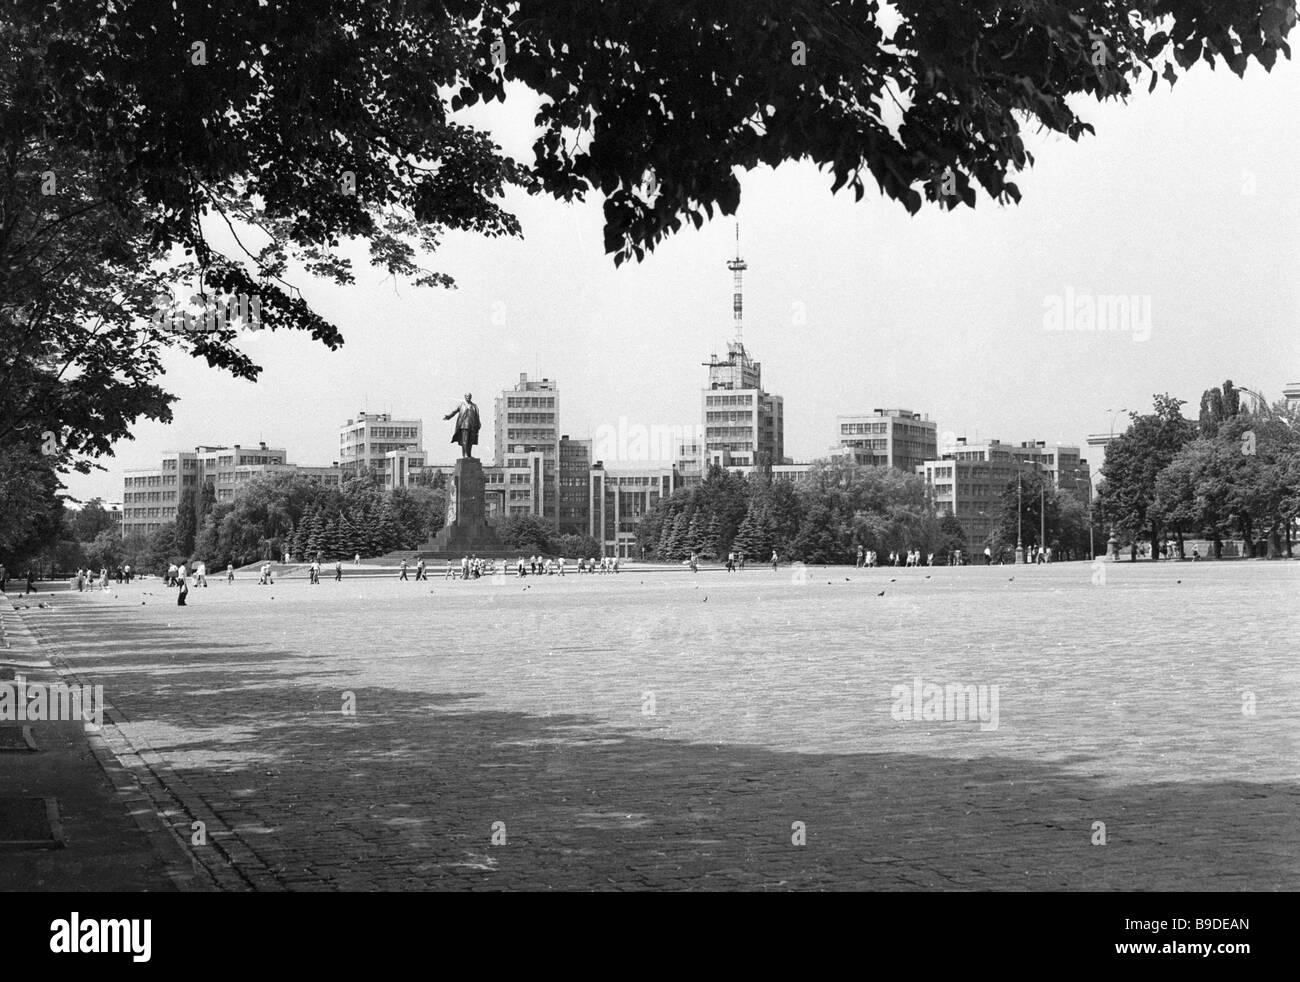 Dzerzhinsky Square in Kharkov - Stock Image